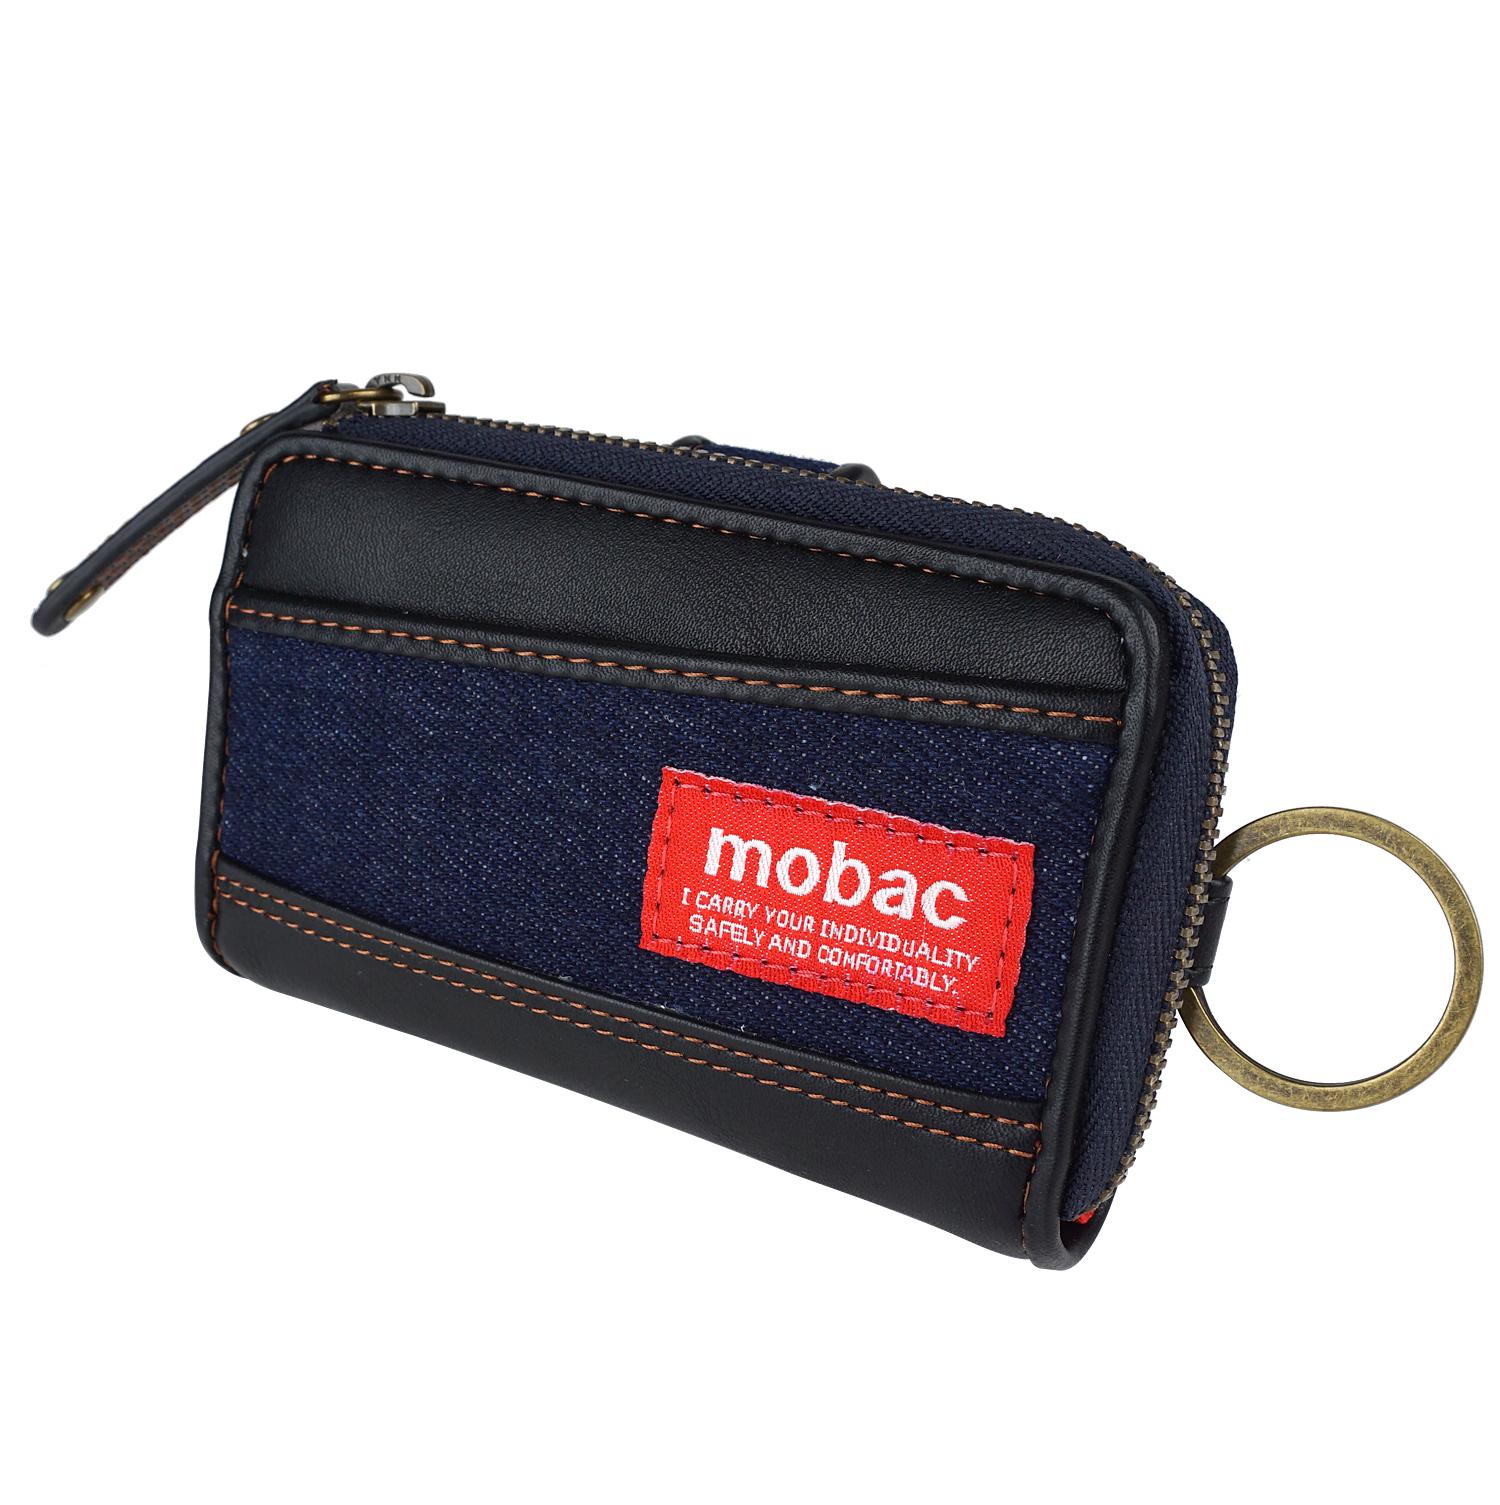 キーケース 小銭入れ メンズ コインケース L字ファスナー デニム カジュアル 普段使い モバック mobac